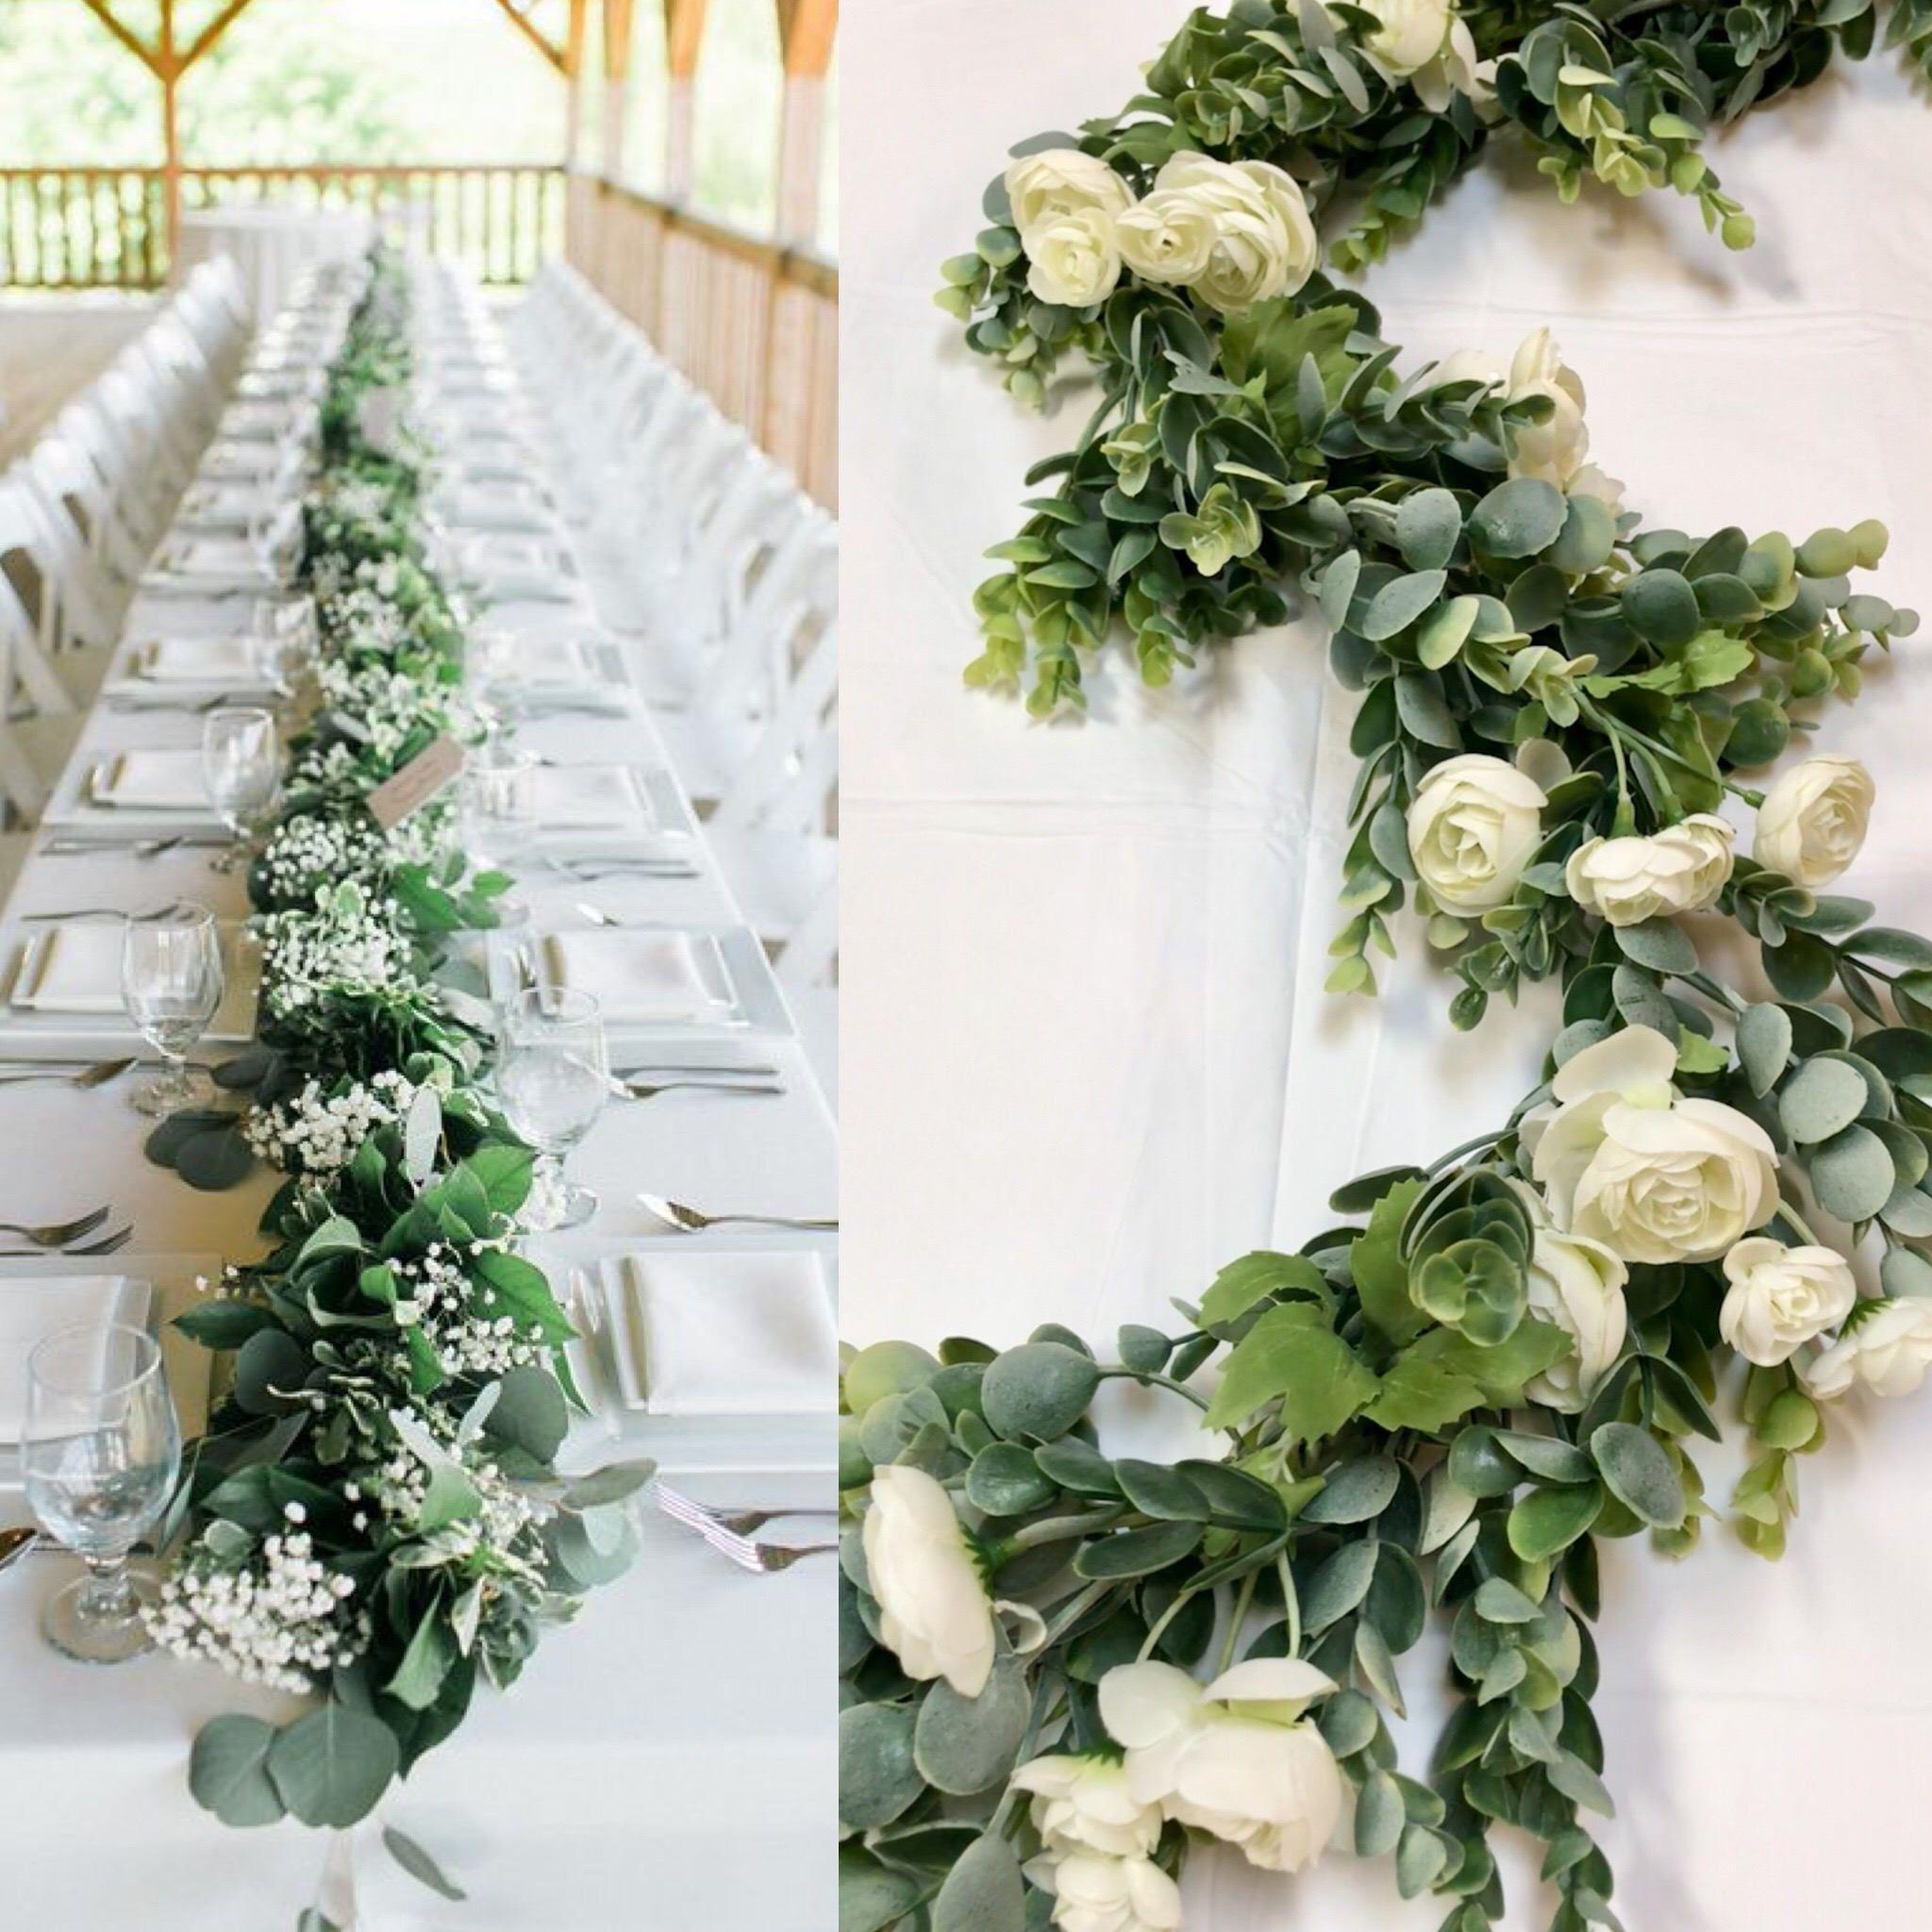 Wedding centerpieces Wedding Garland Greenery Garland